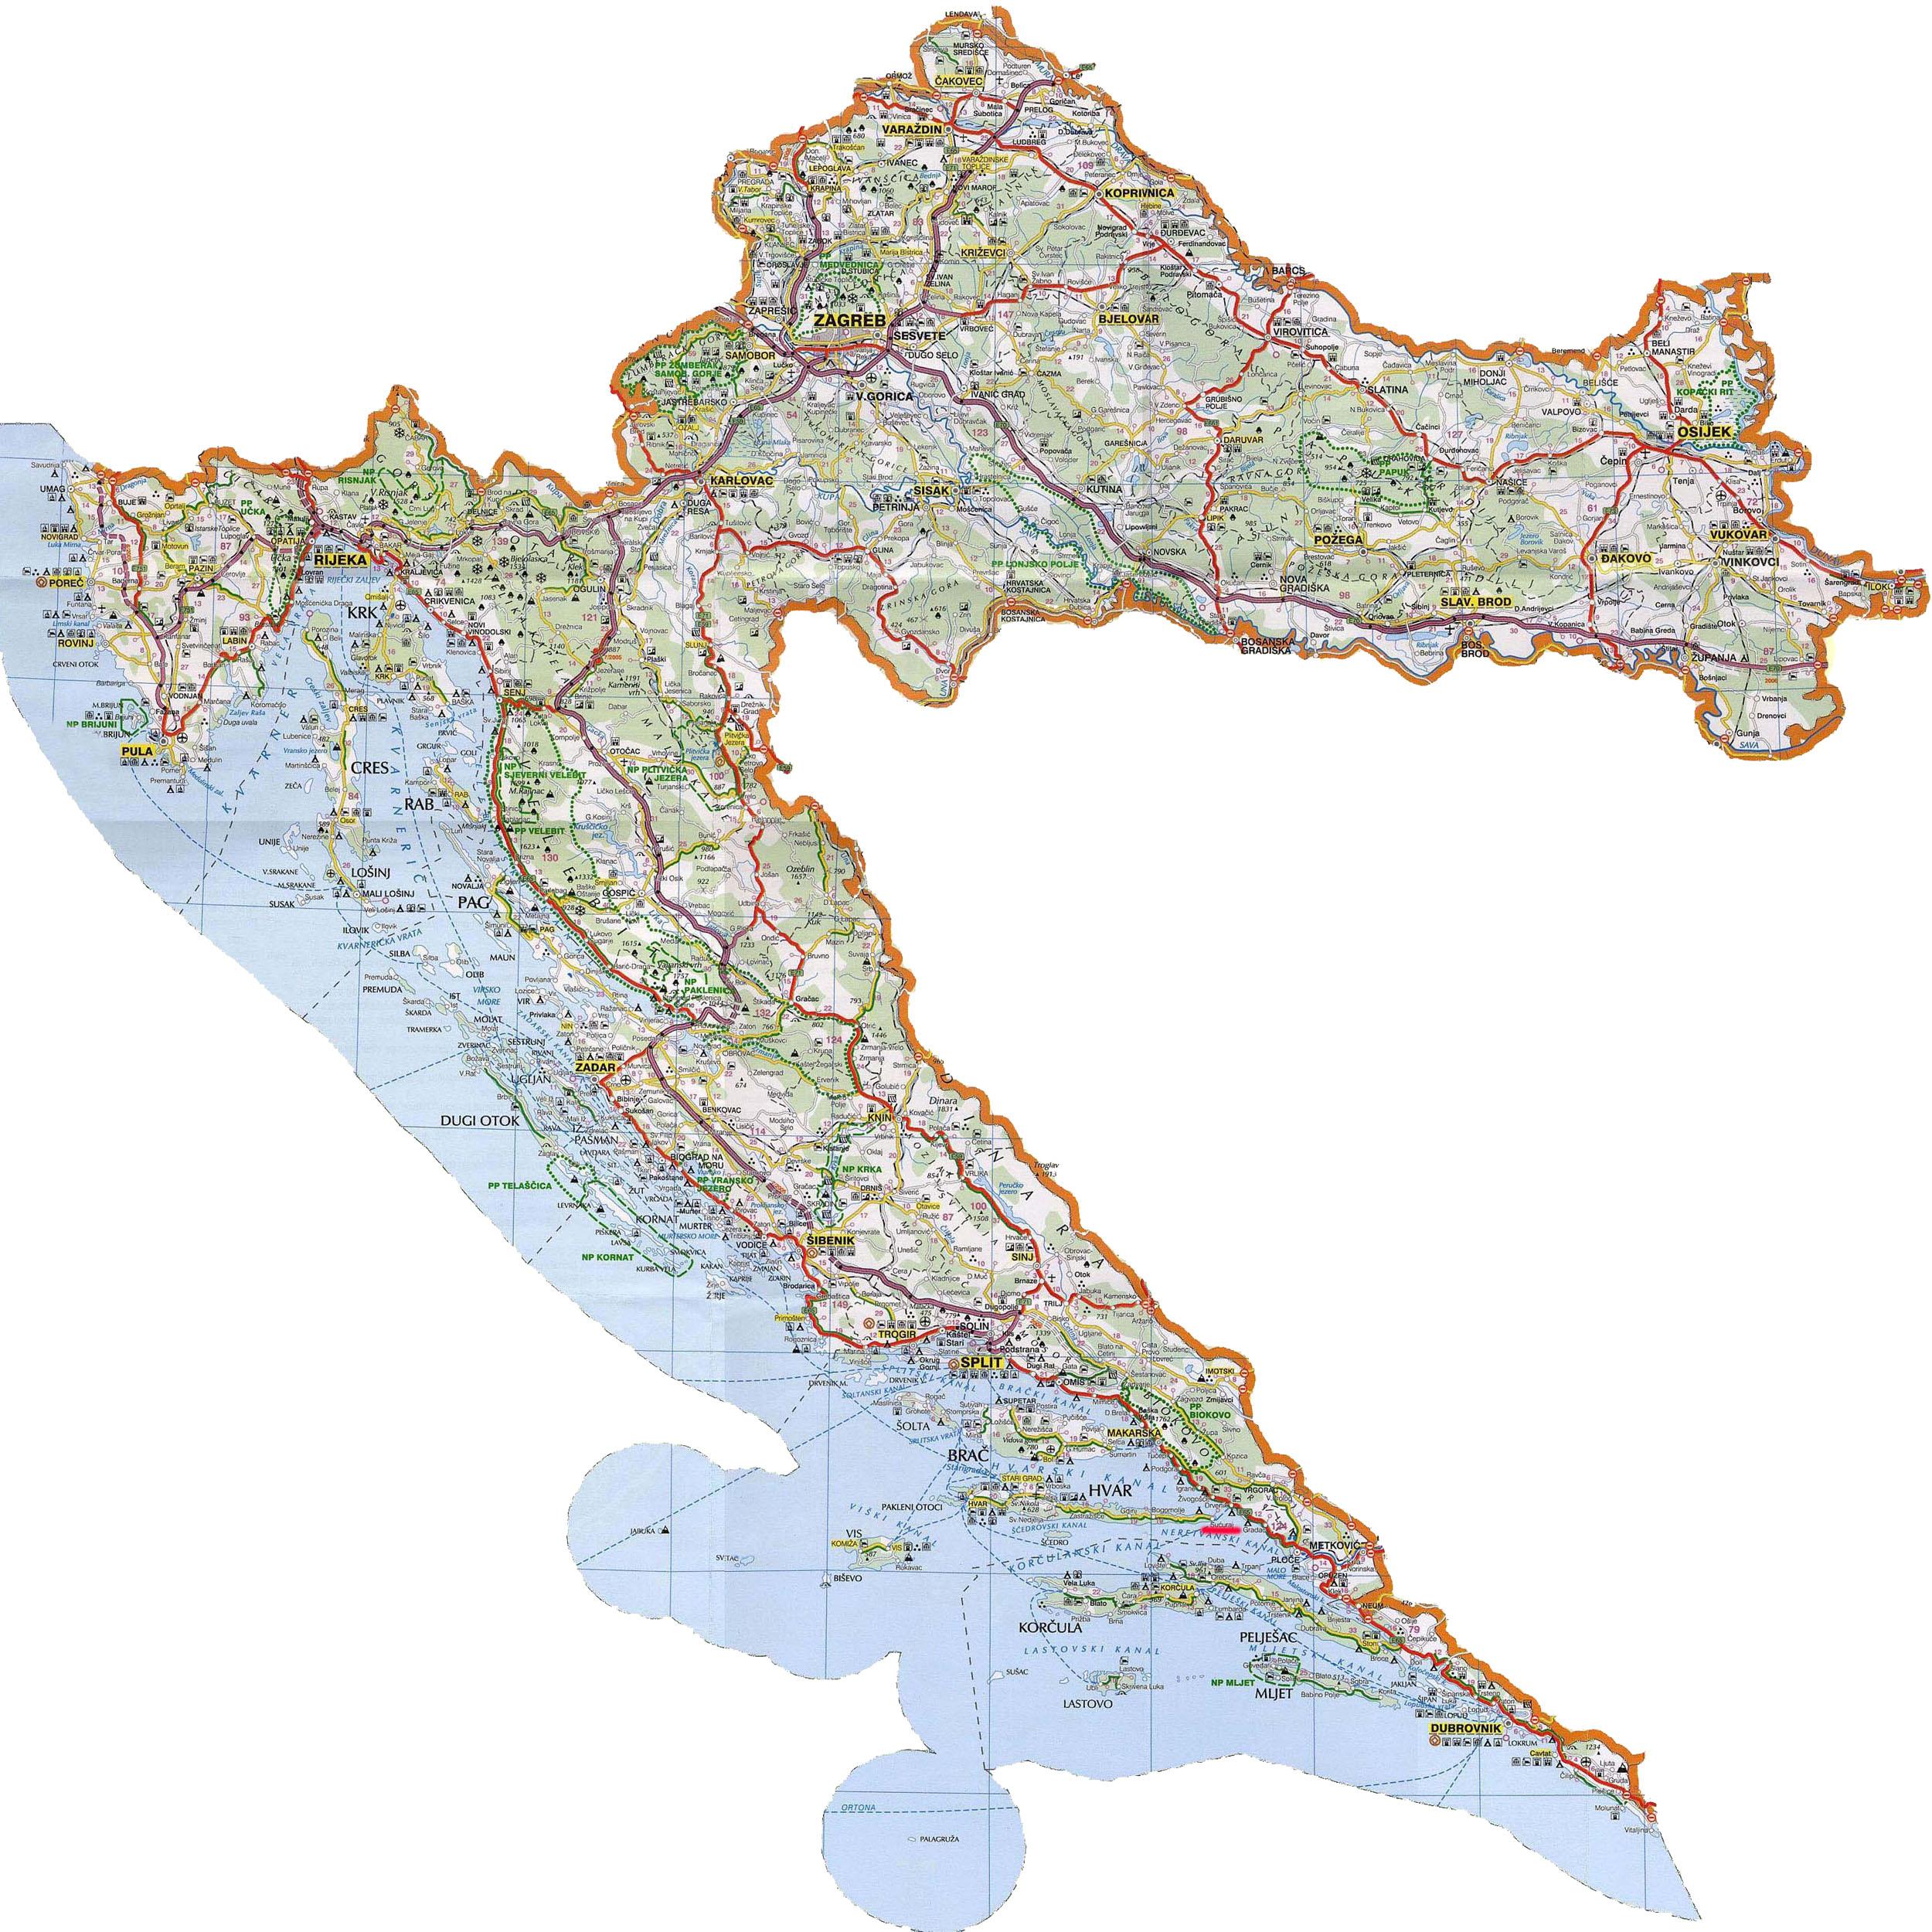 auto karta srbije i hrvatske Auto karte zemalja iz regije | Portal o ribolovu i zaštiti okoline  auto karta srbije i hrvatske